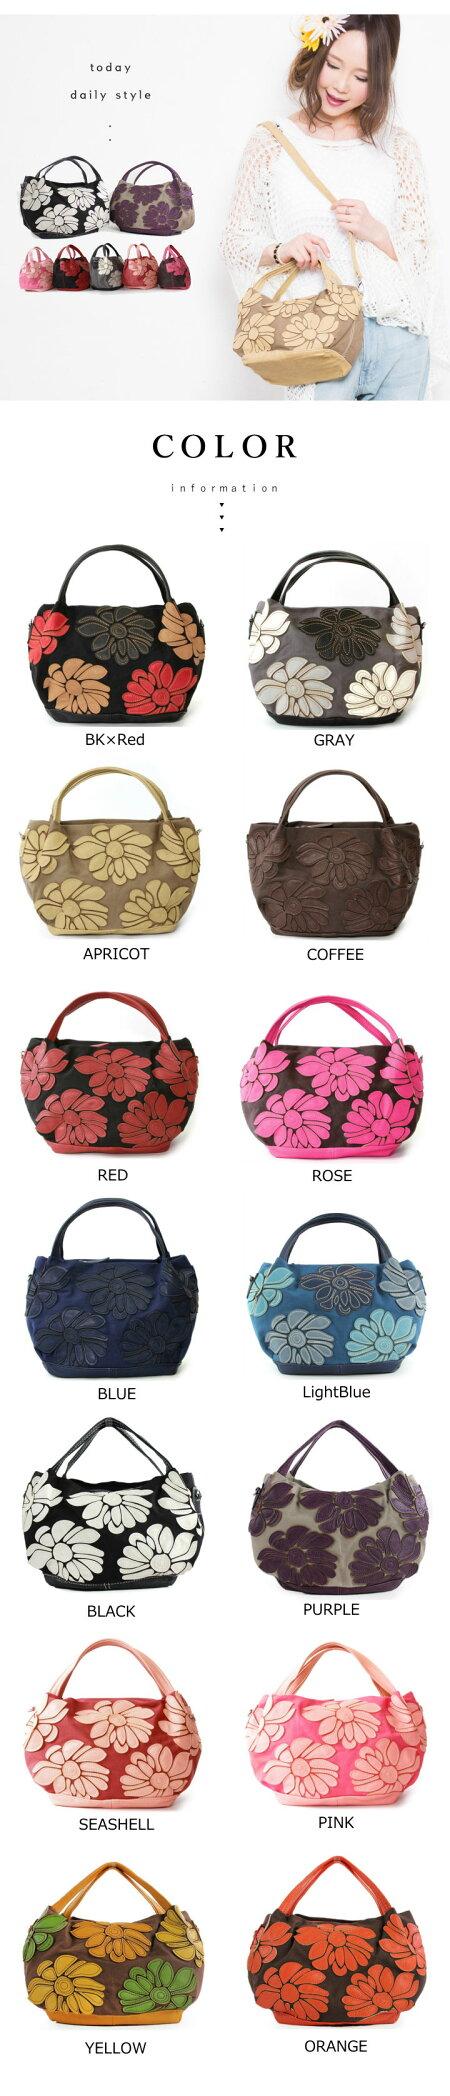 母の日トートバッグキャンバストートバッグ異素材バッグキャンバスレザーレディースバッグかばん2Way/軽量/カラフル/コンパクト/小さめ/送料無料